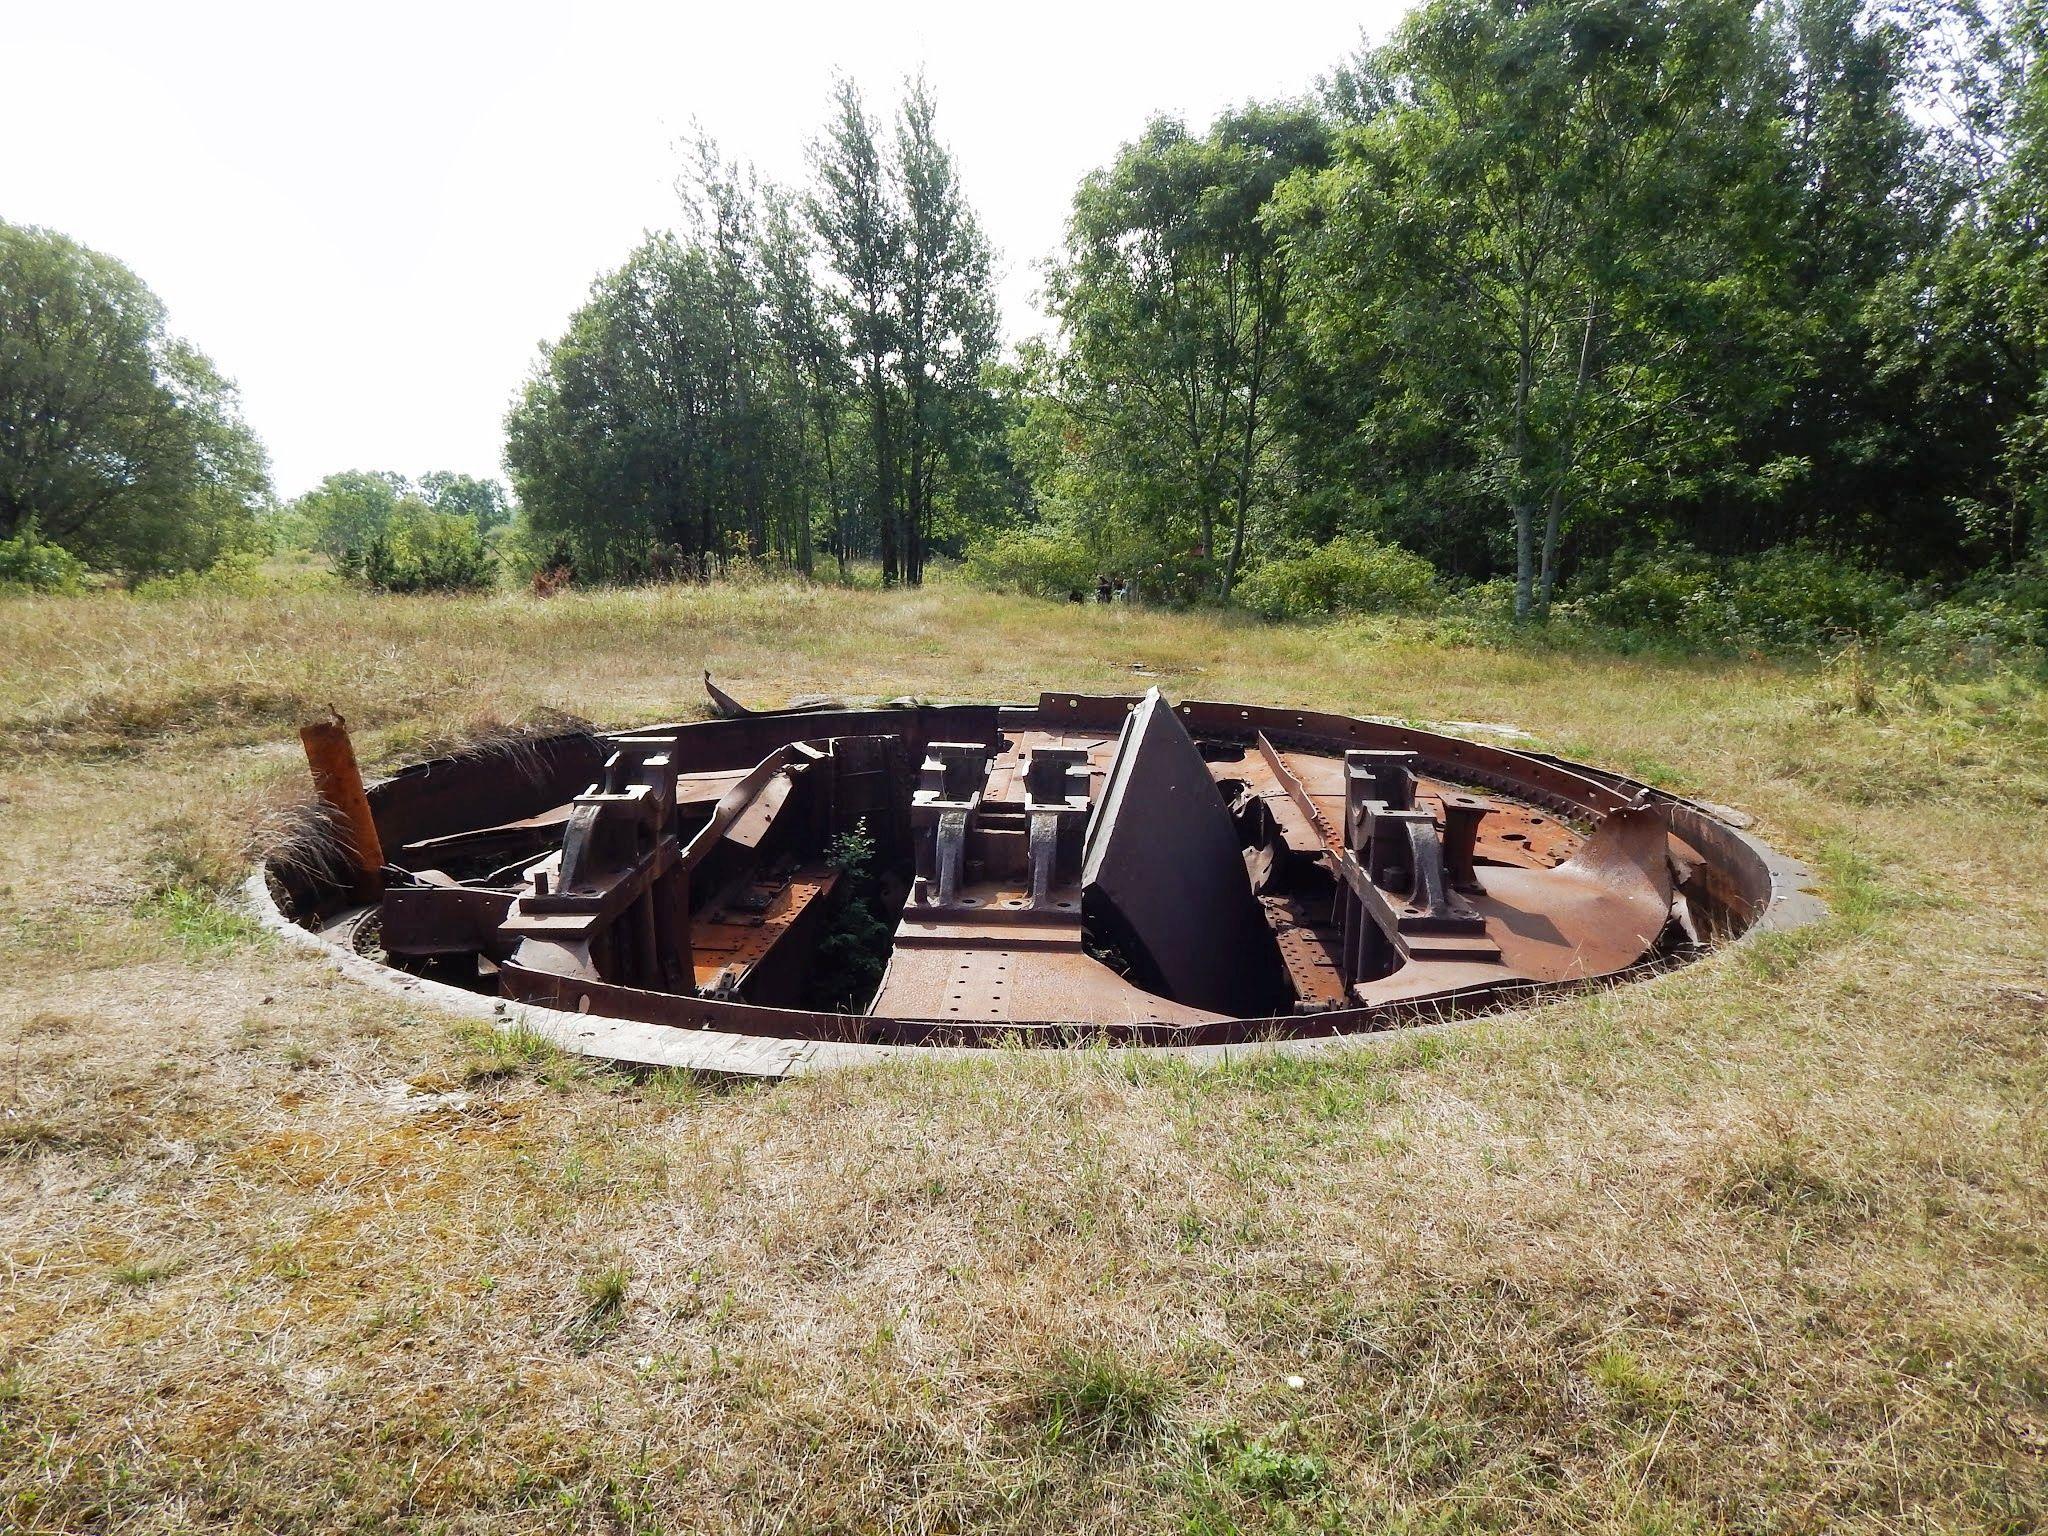 Üks Osmussaarel säilinud suurtükipatareidest. Foto: Eve Rohula